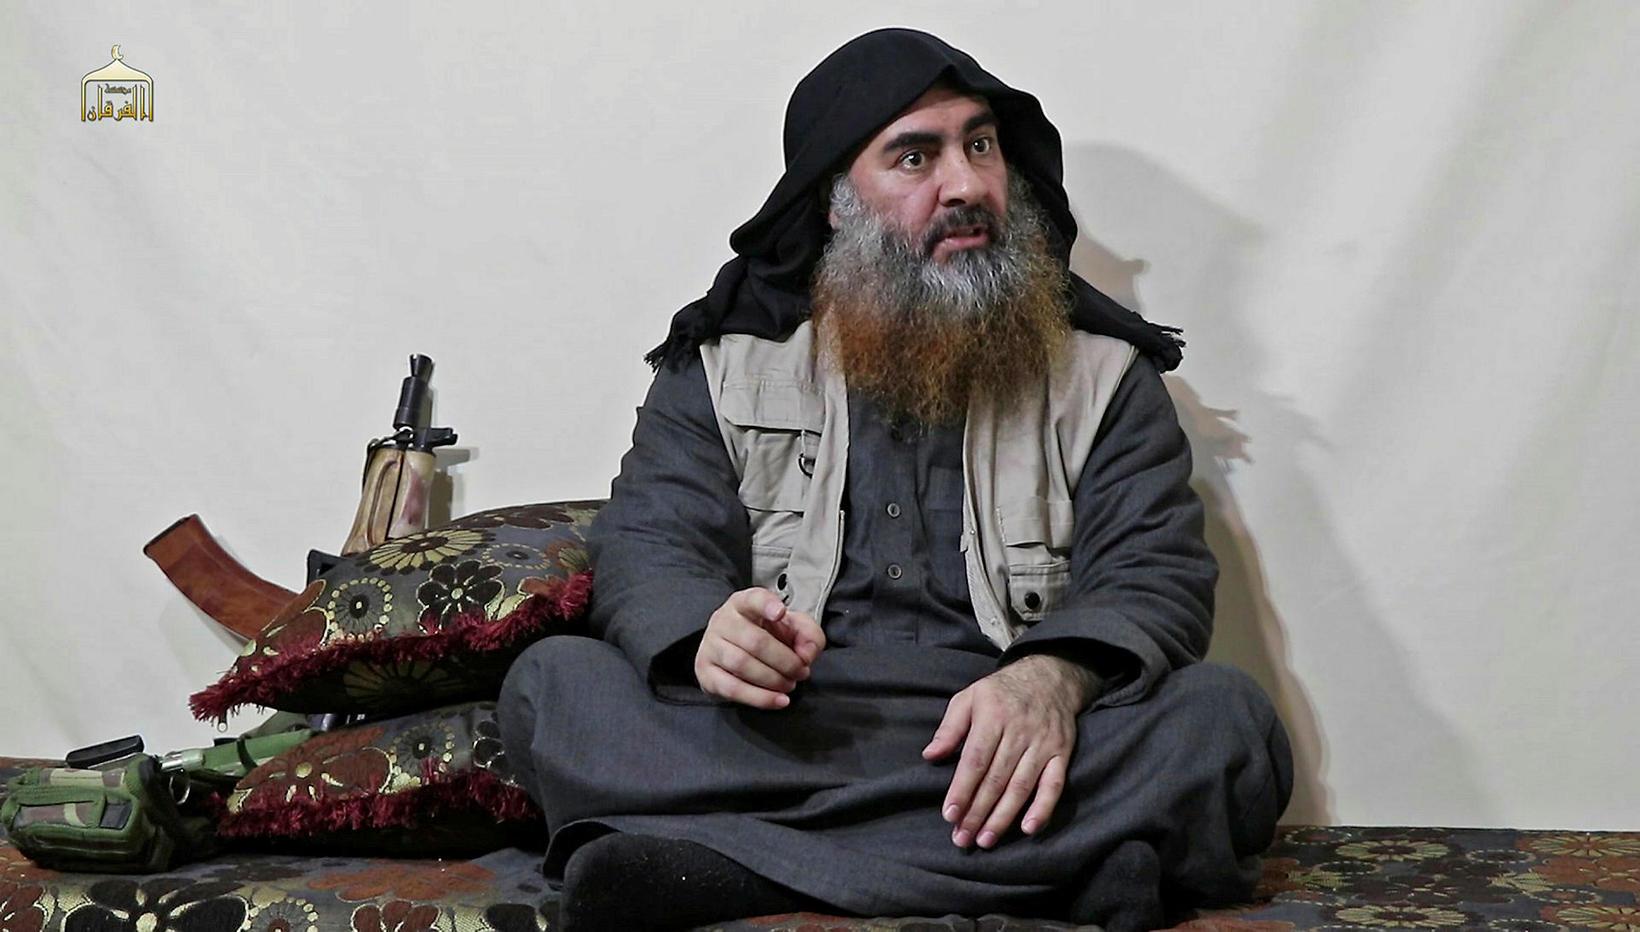 Abu Bakr al-Baghdadi, leiðtogi Ríkis Íslams, lét lítið fyrir sér ...